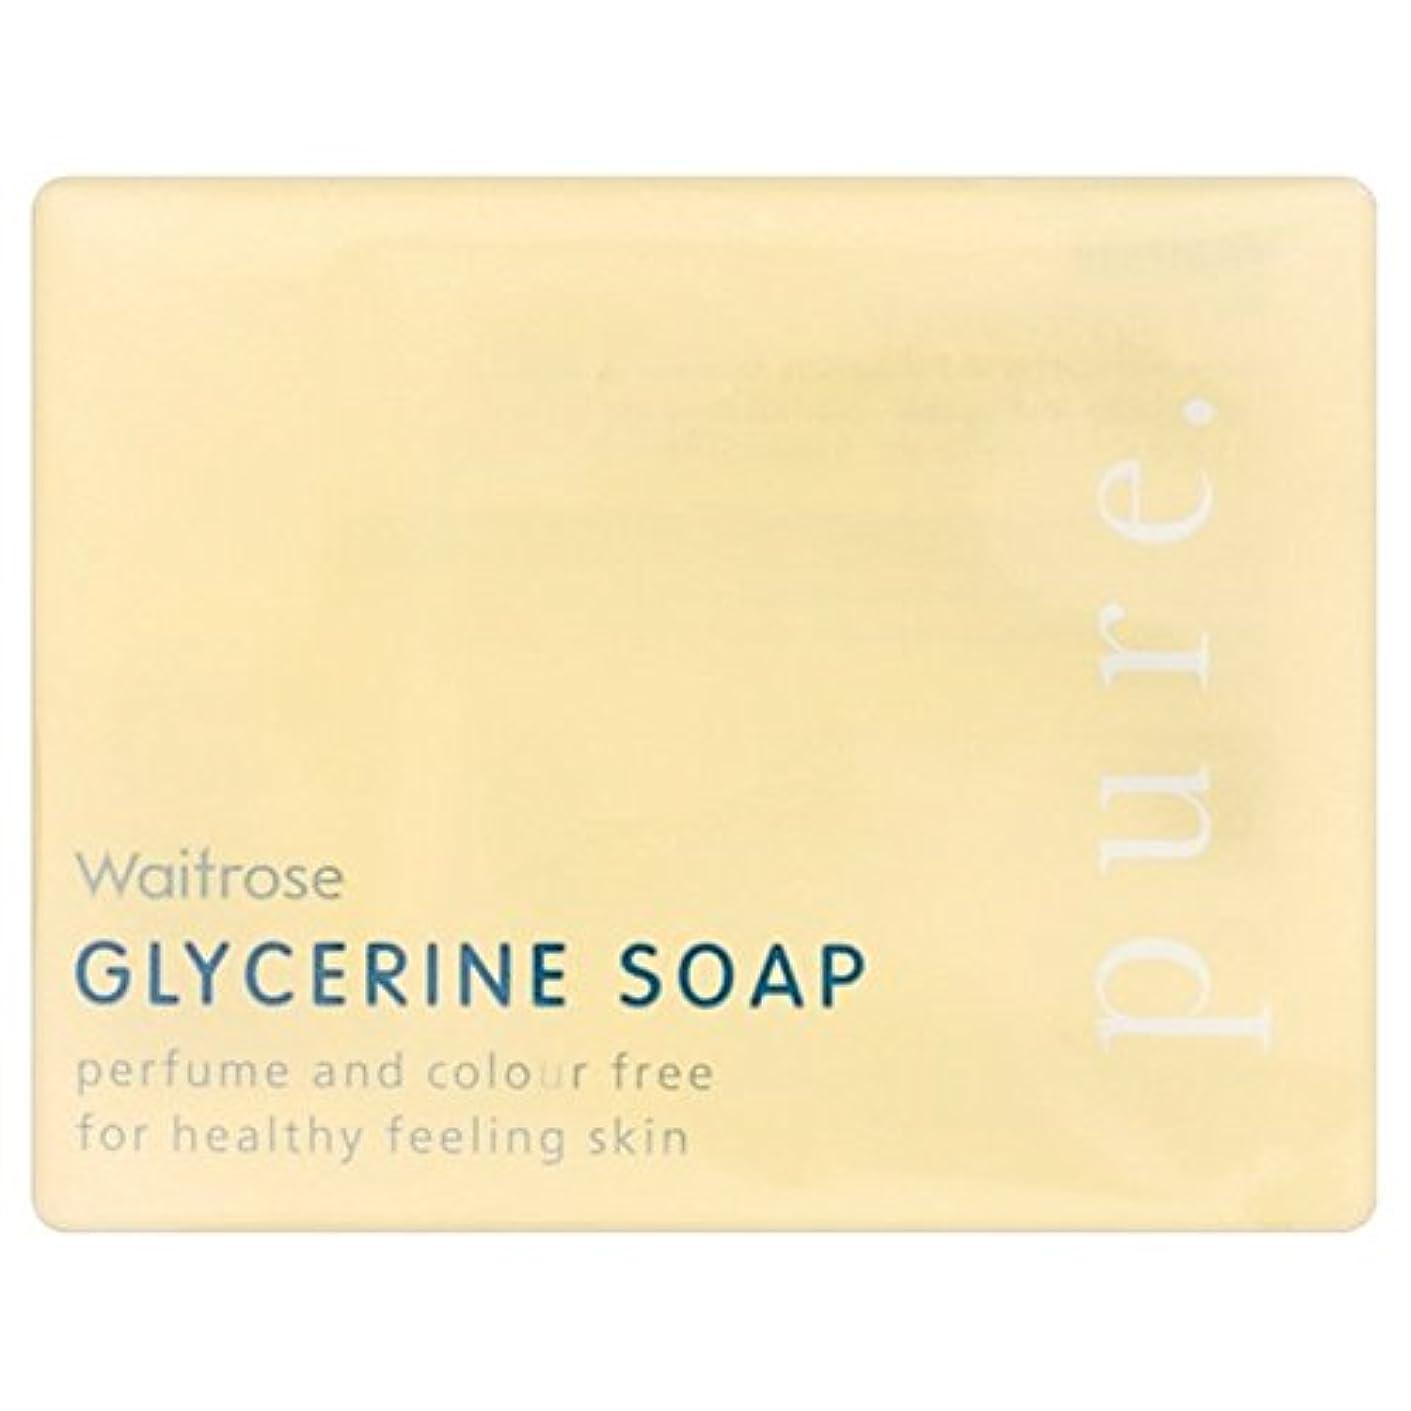 純粋なグリセリンソープウェイトローズの100グラム x4 - Pure Glycerine Soap Waitrose 100g (Pack of 4) [並行輸入品]